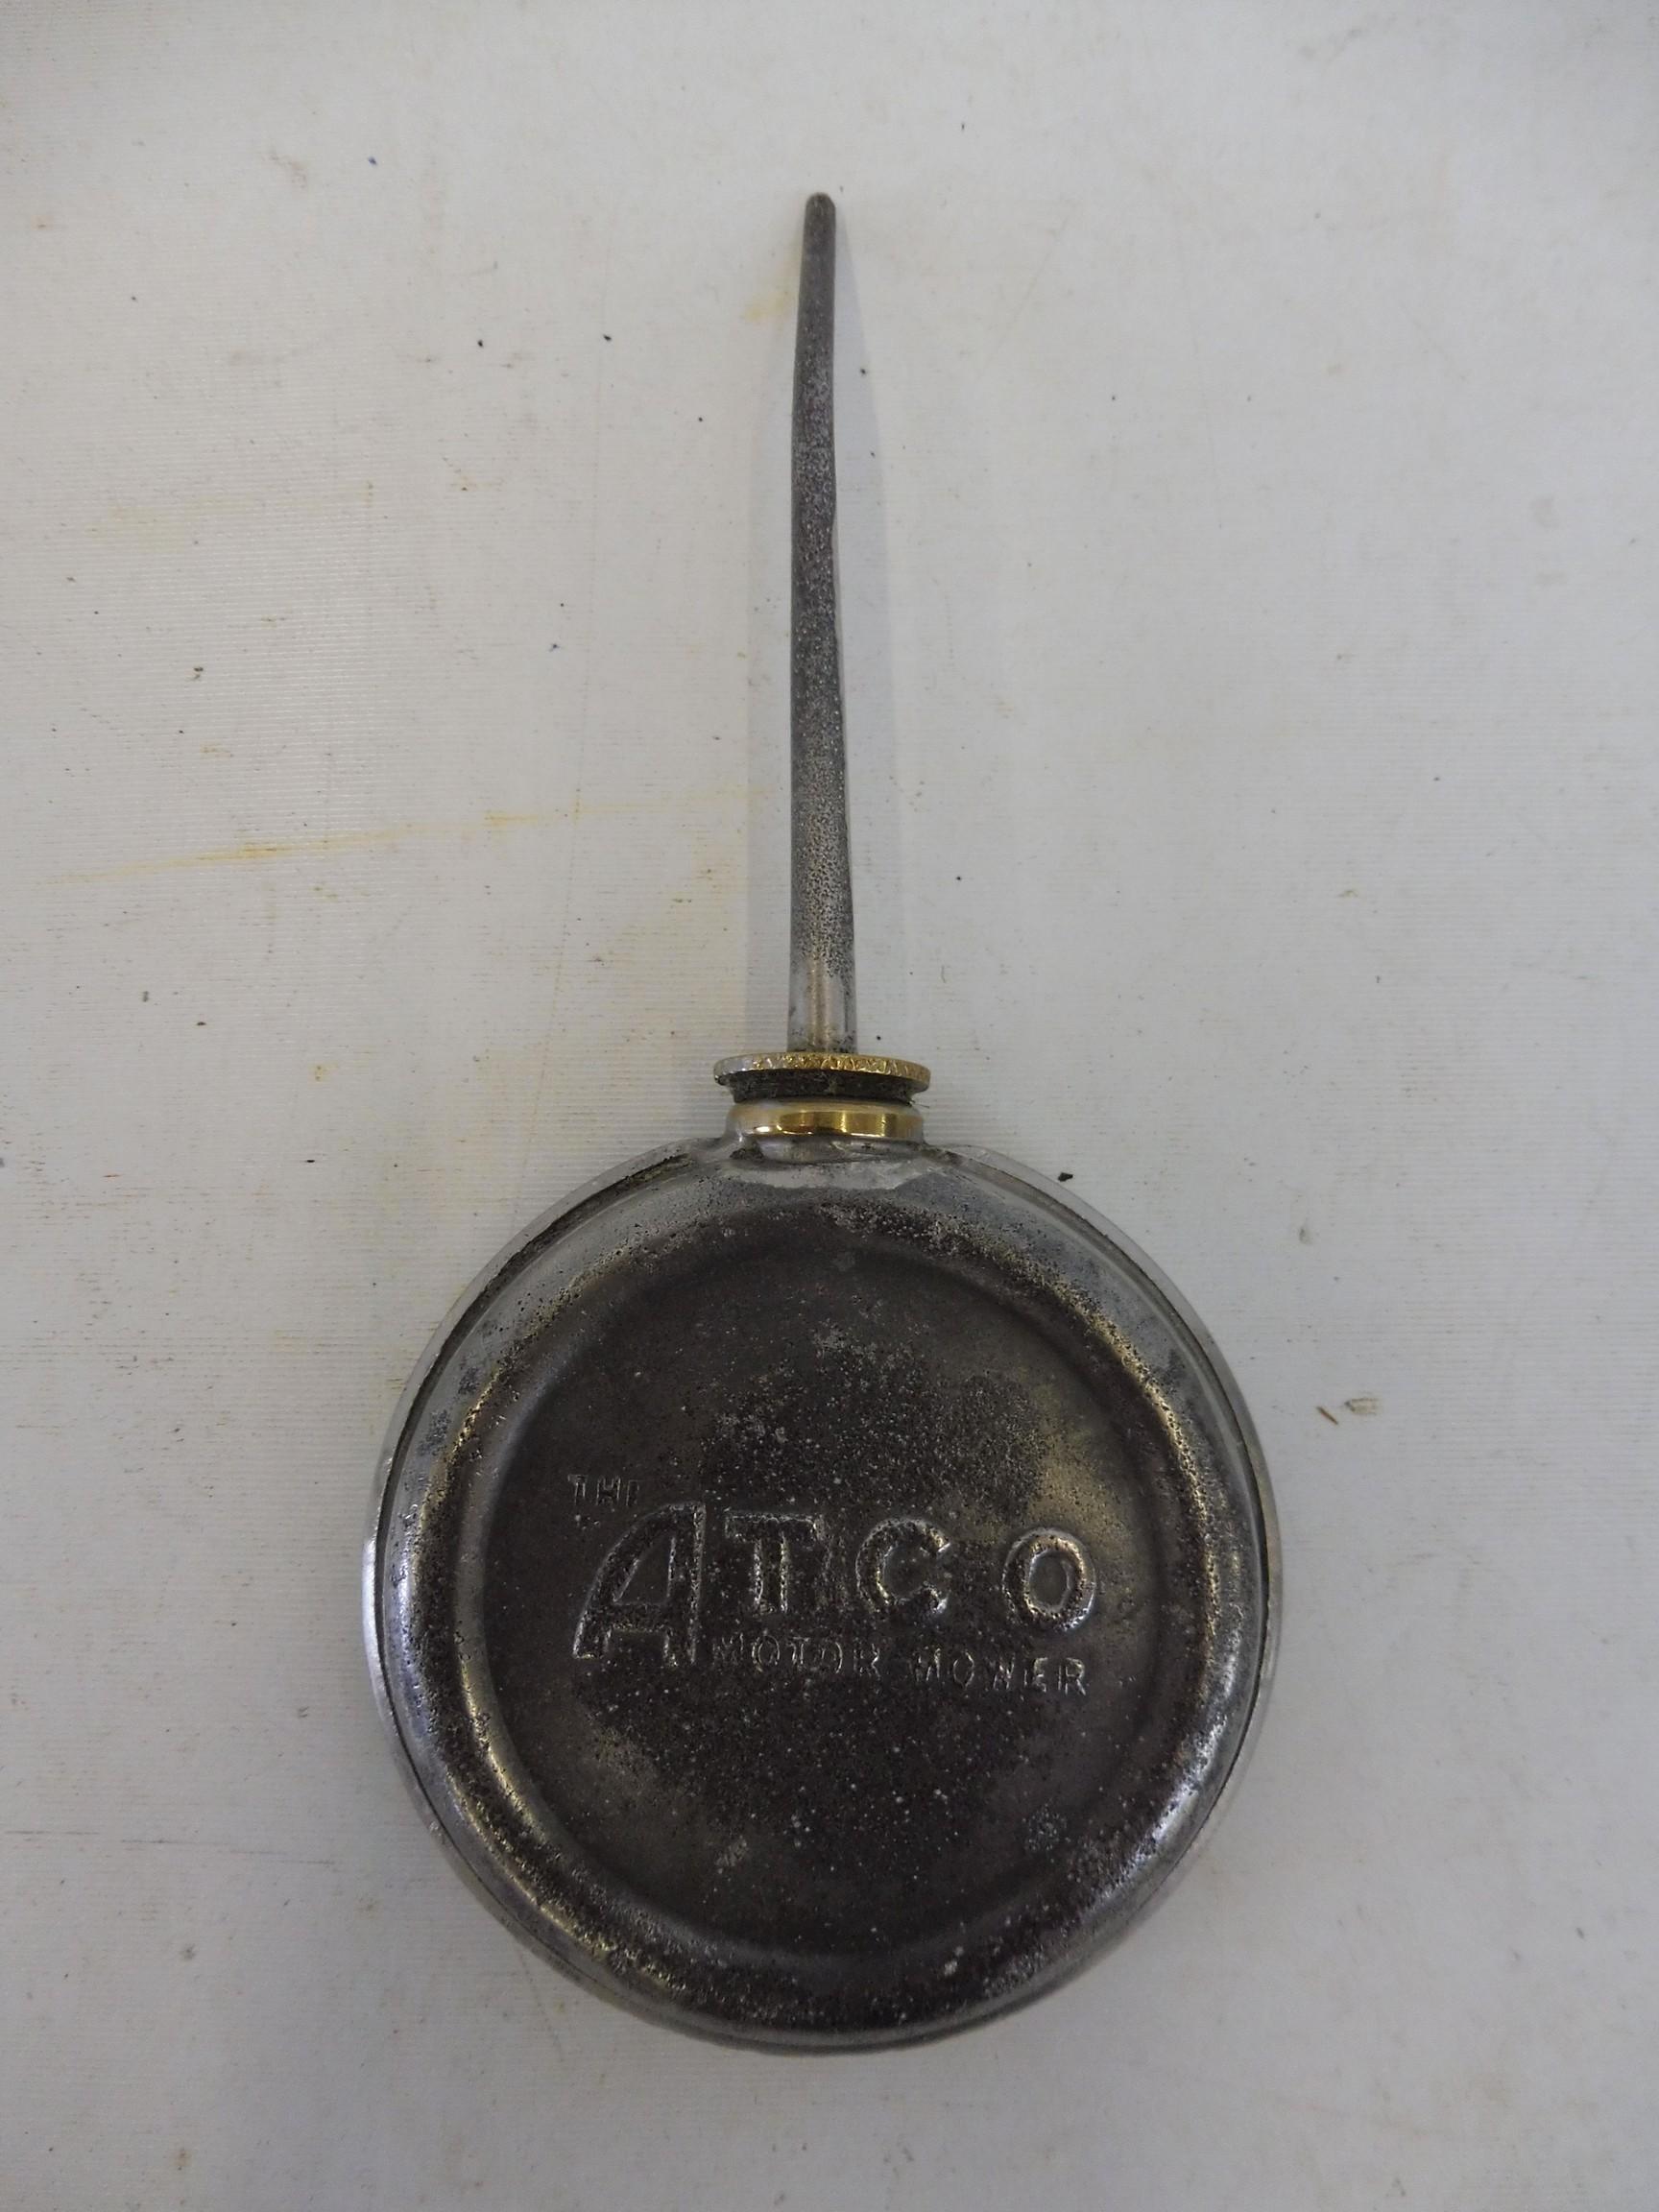 An Atco motor mower oiler/oil can.